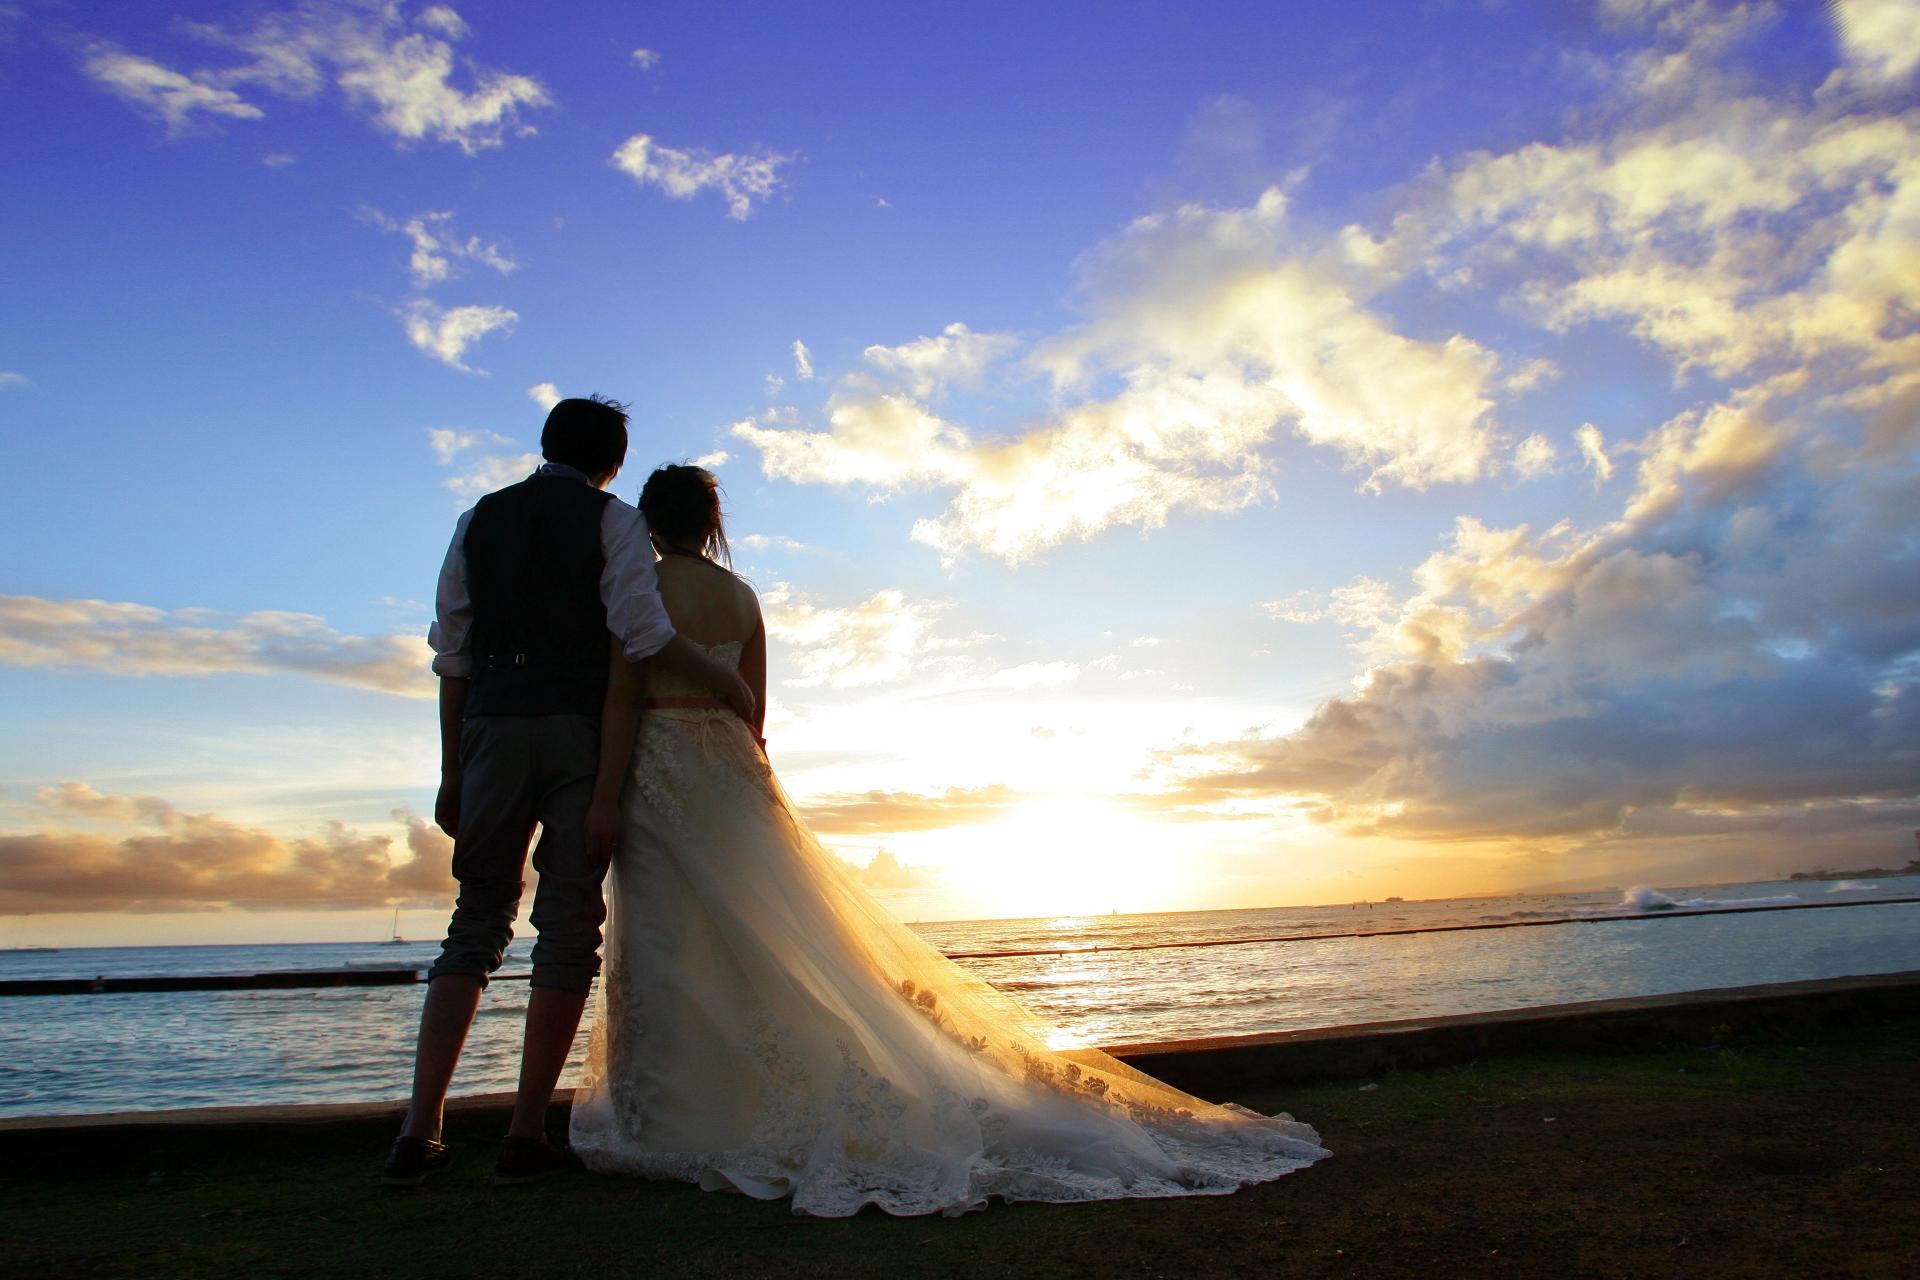 結婚式をきっかけに初めてエステに行く人は、なんと33.8%もいます。普段エステに行かない人や、人生で一度も行ったことがない人でも、この時ばかりは特別にブライダルエステに行く人が多いようです。